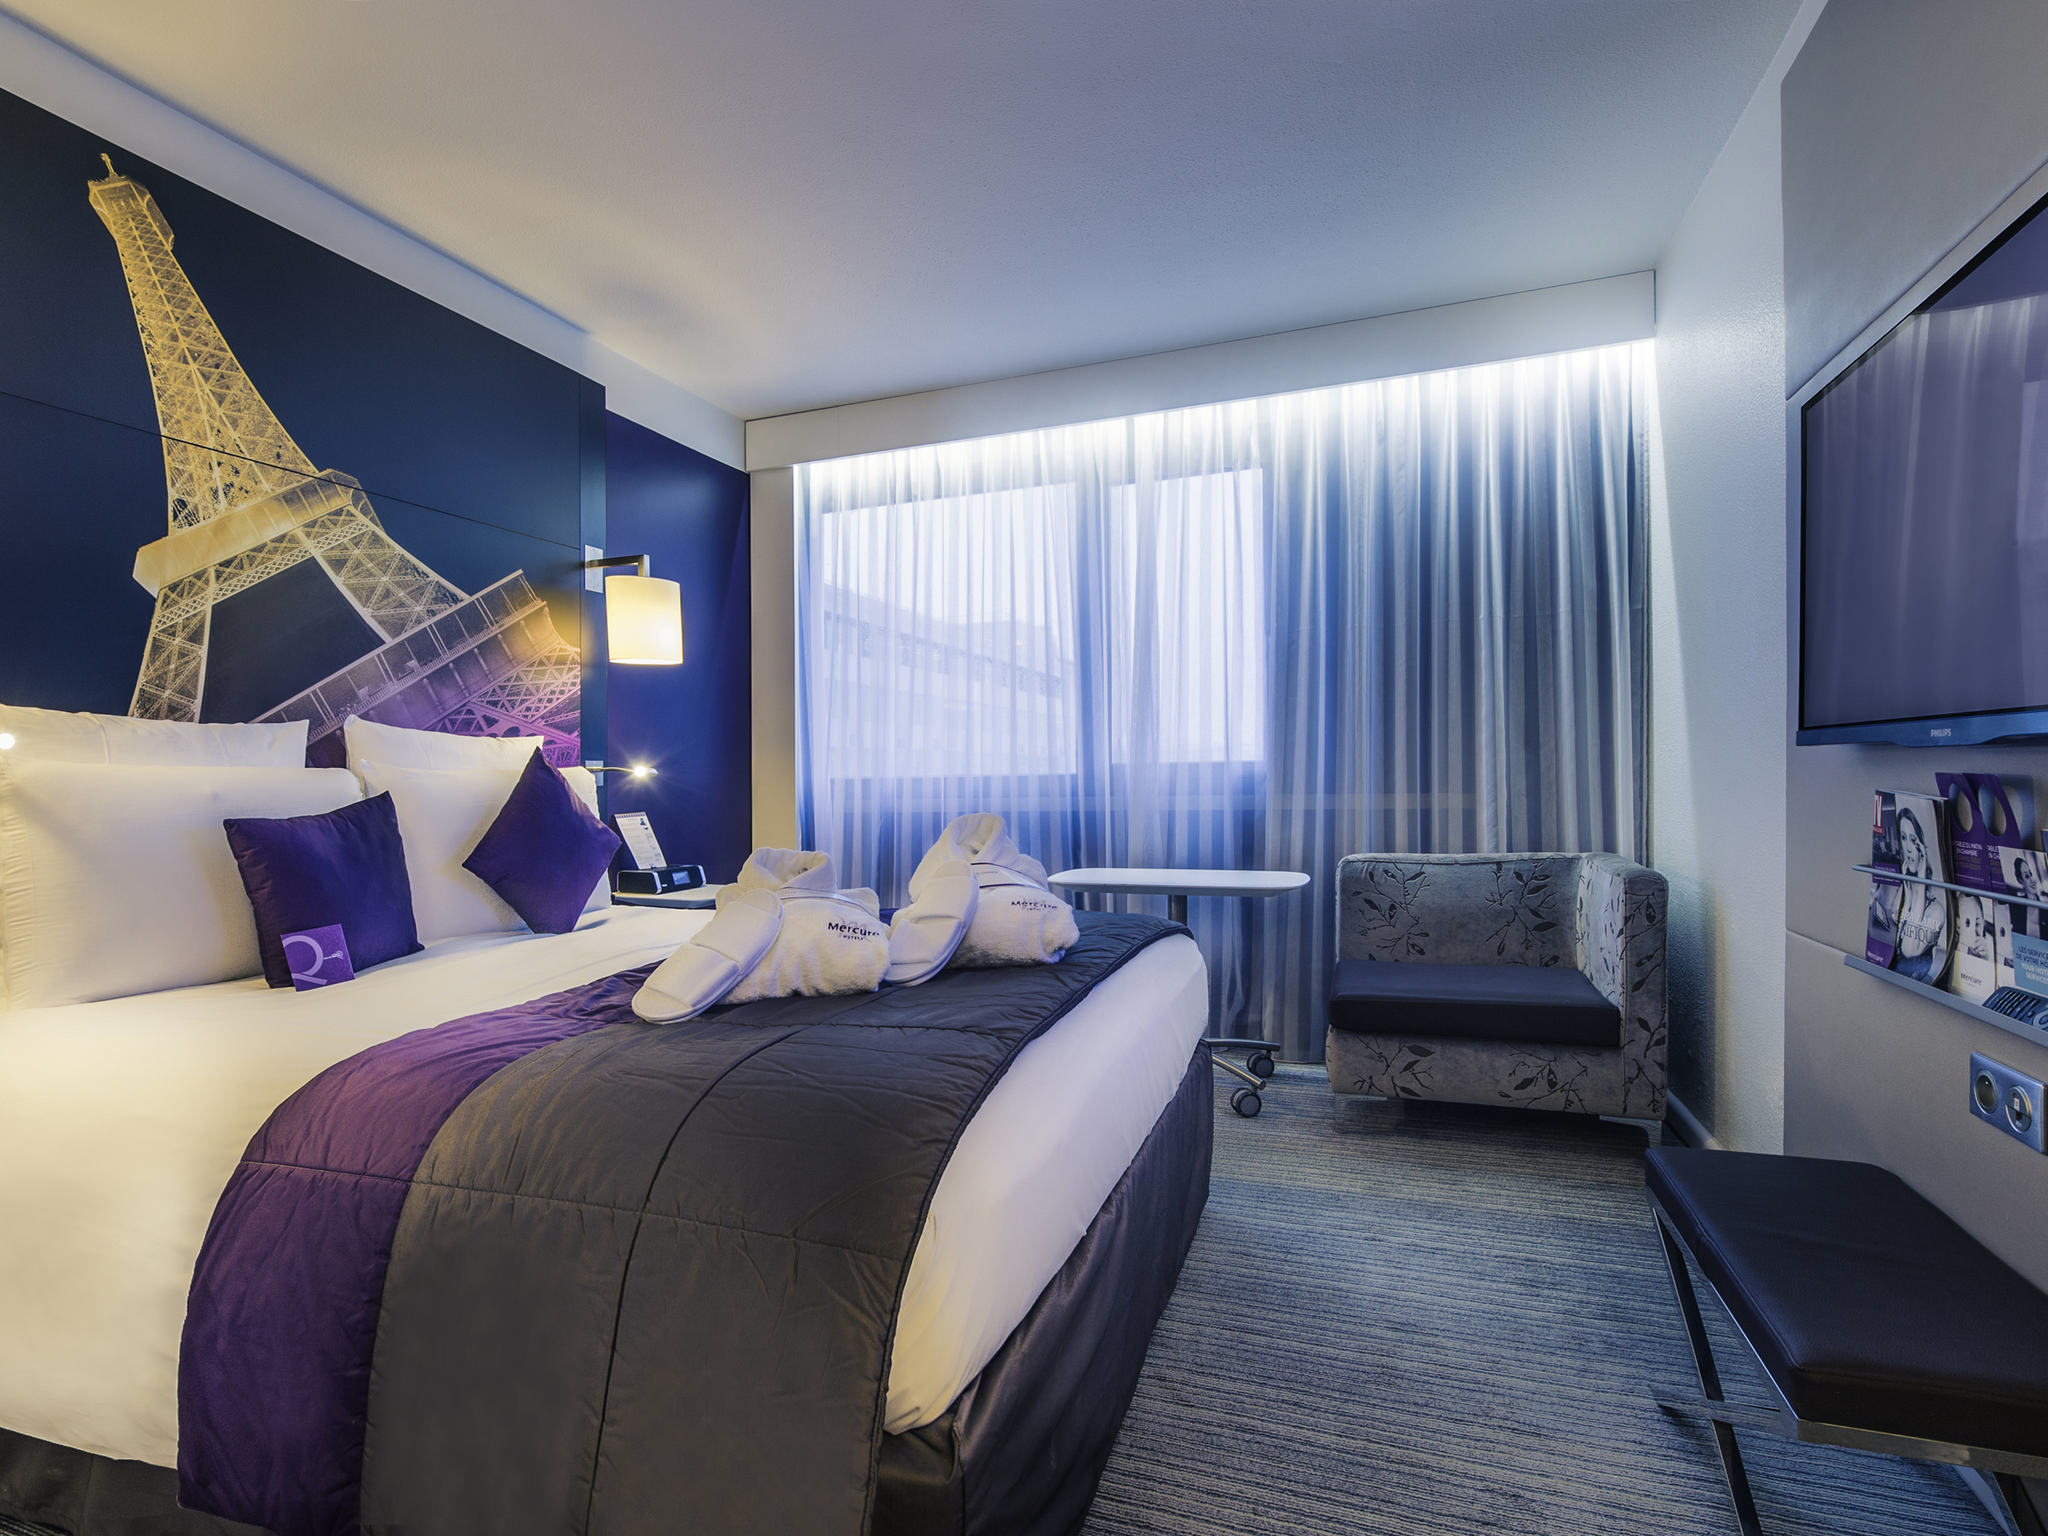 โรงแรม – โรงแรมเมอร์เคียว ปารีส เซ็นเตอร์ ตูร์ ไอเฟล